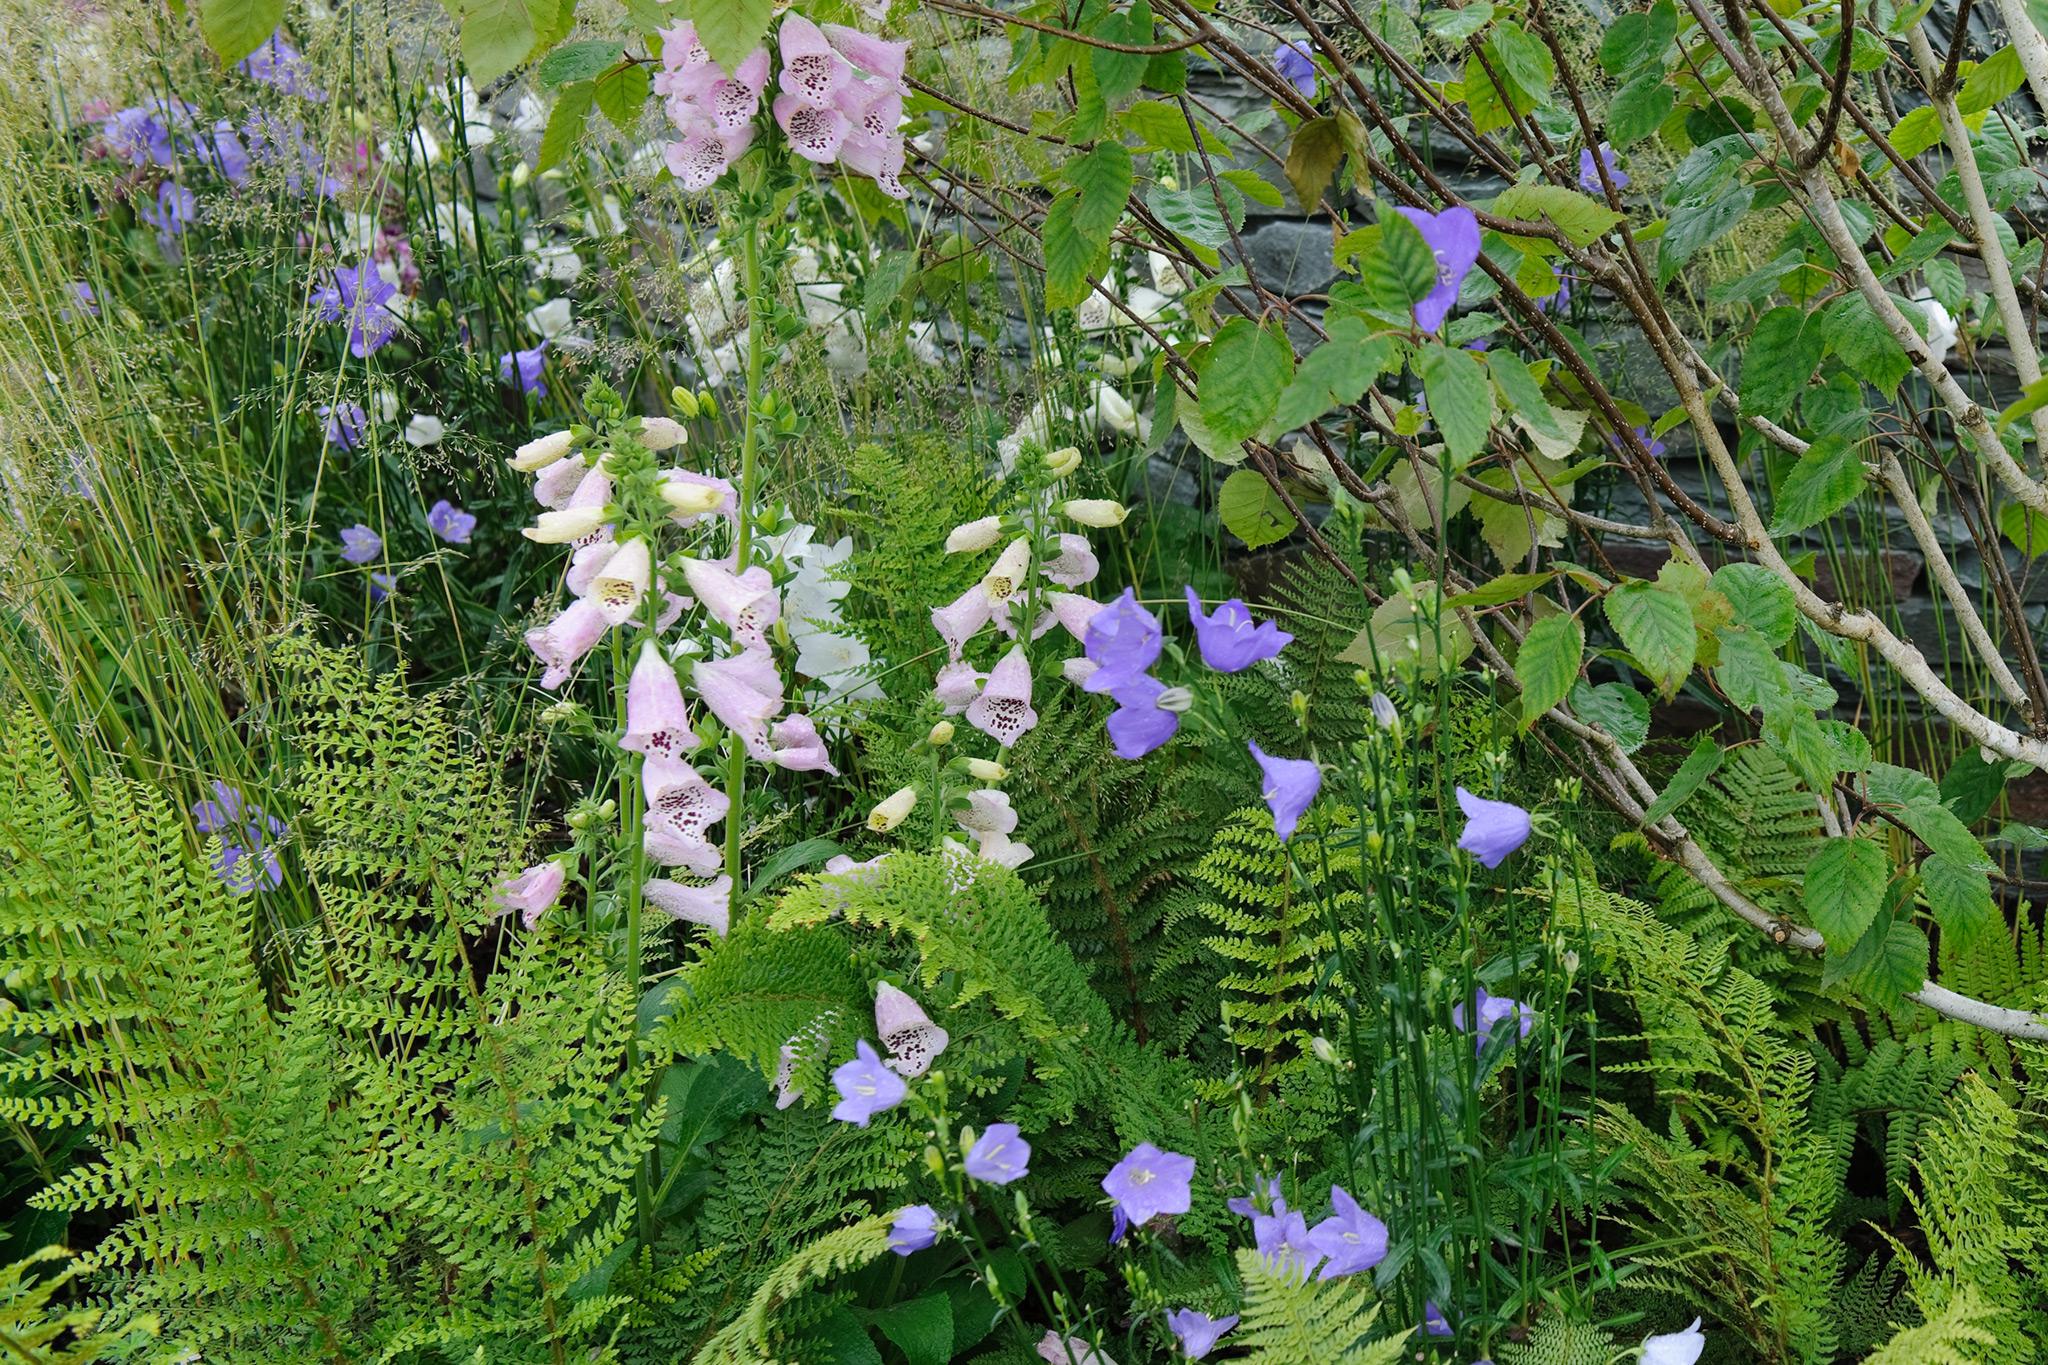 ferns-foxgloves-and-campanulas-3